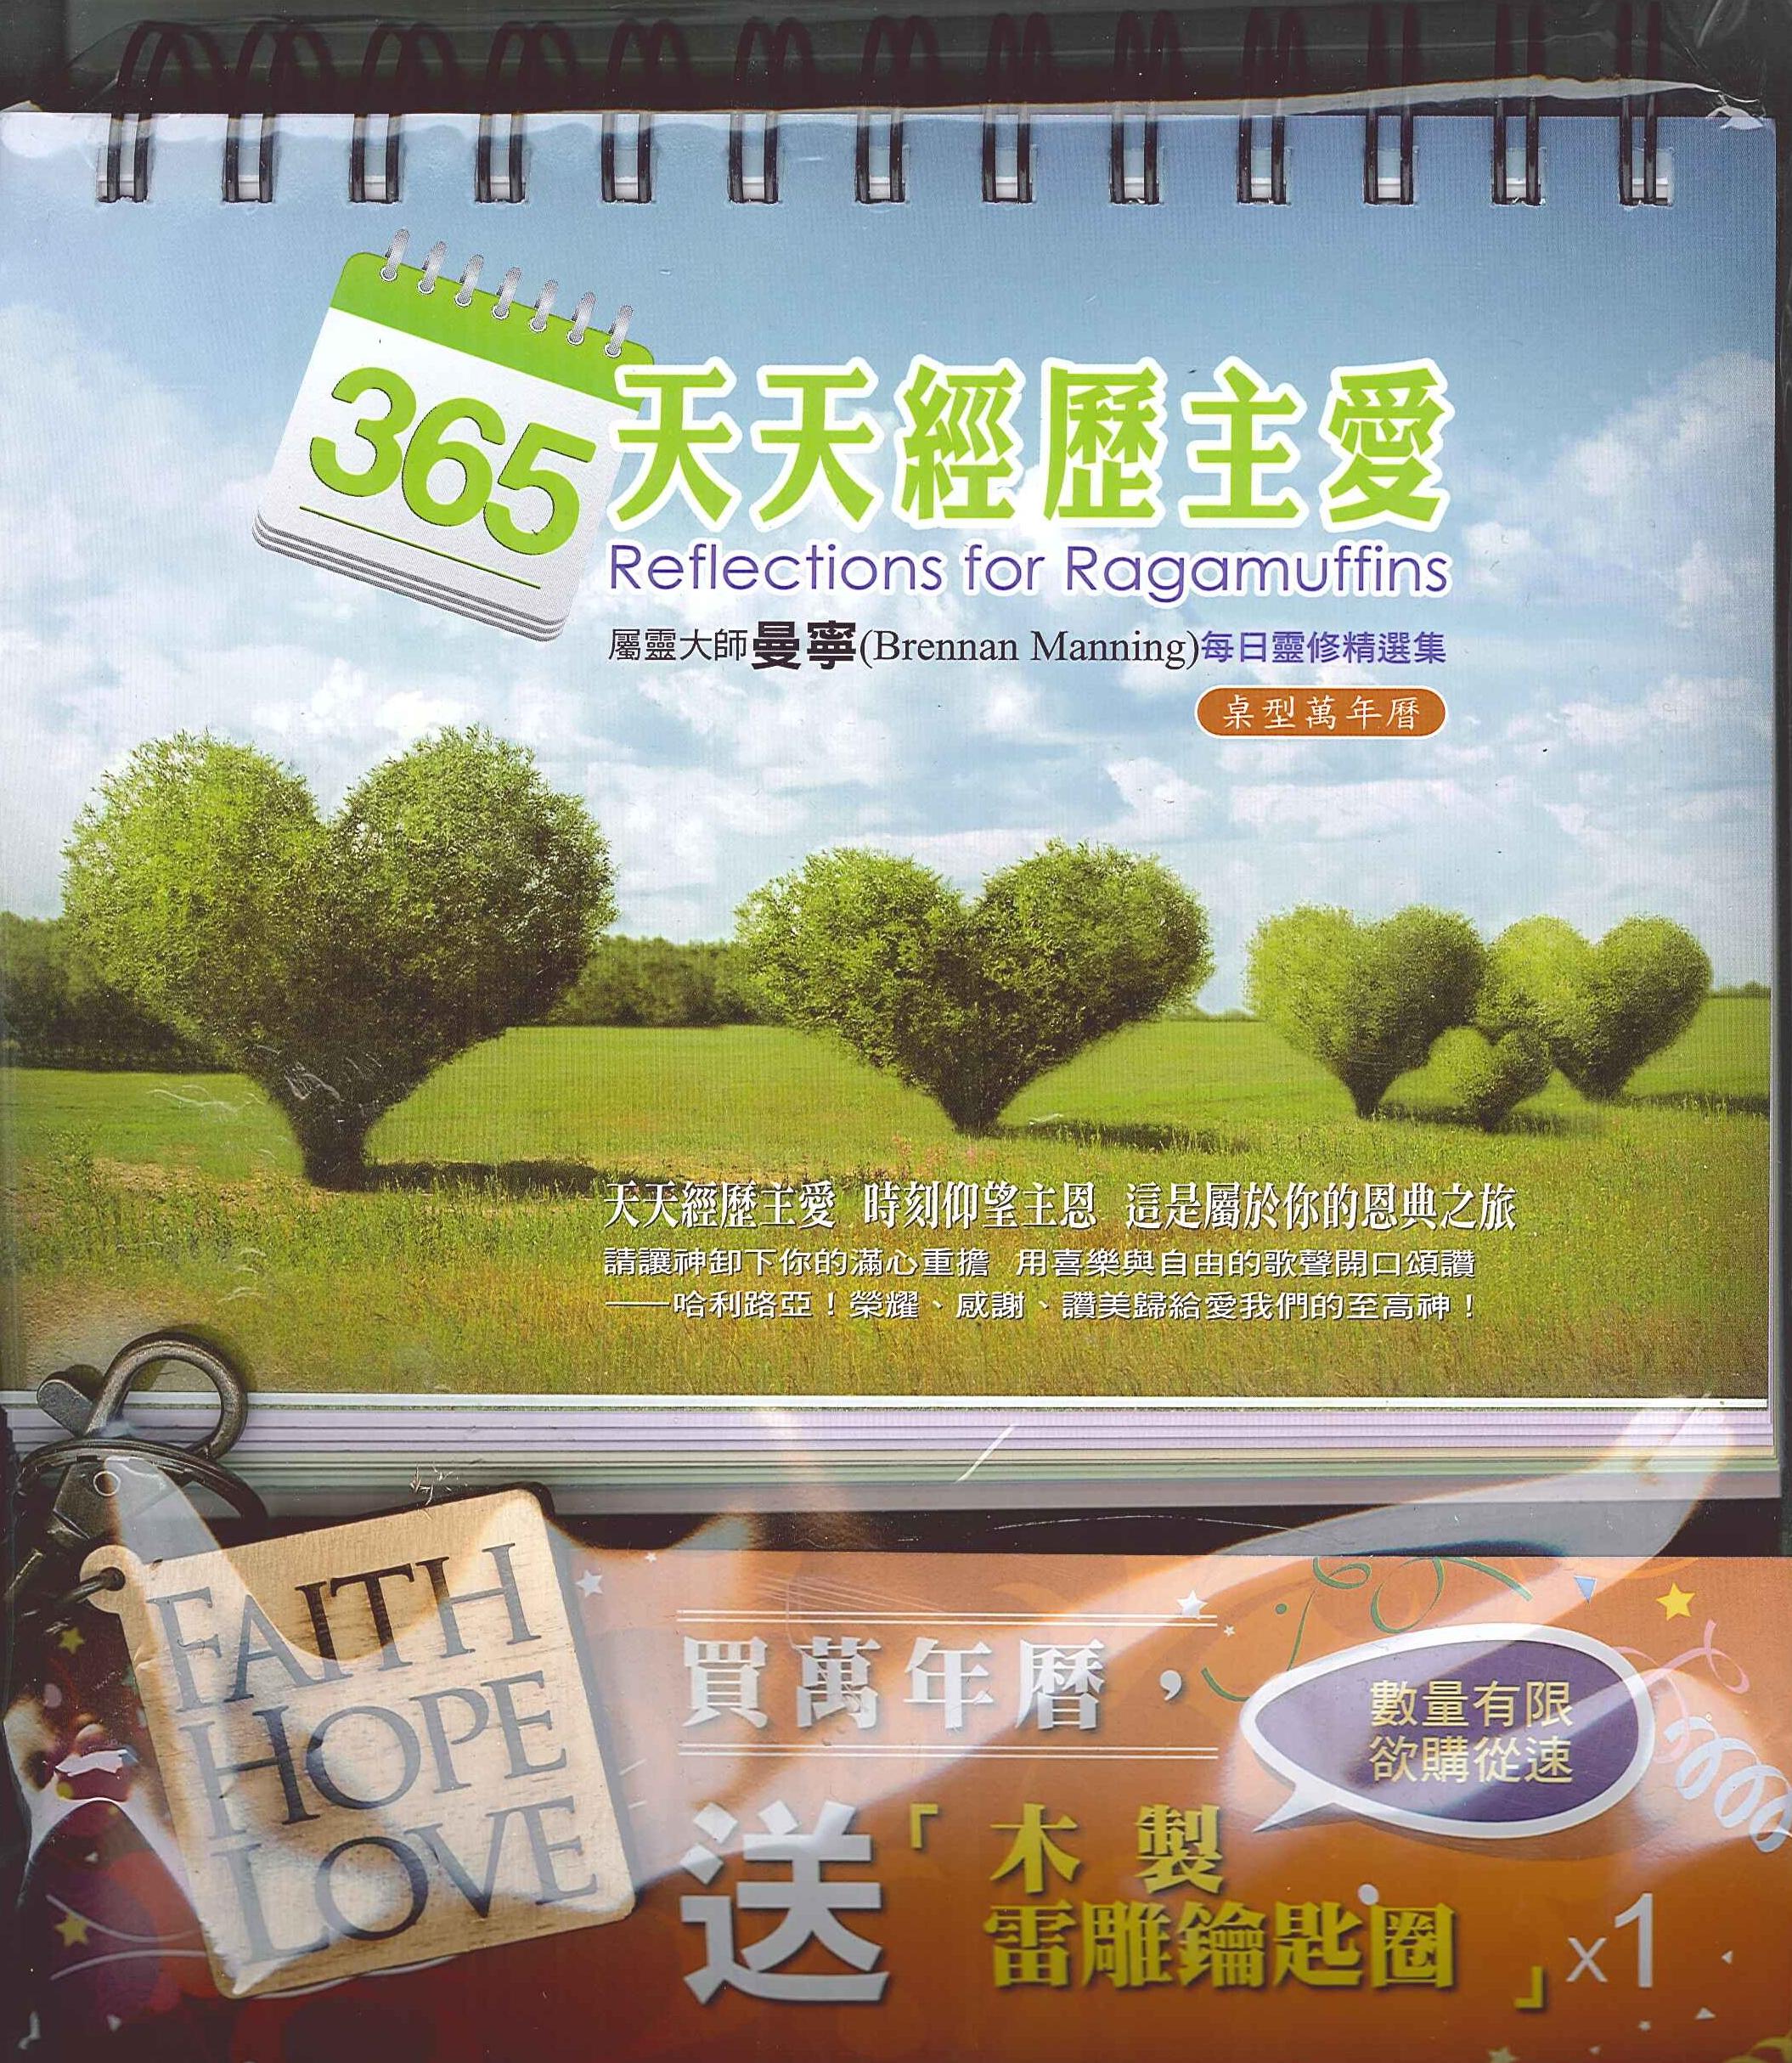 彩色萬年桌上型日曆-365天天經歷主愛-屬靈大師曼寧(每日靈修精選(缺貨)